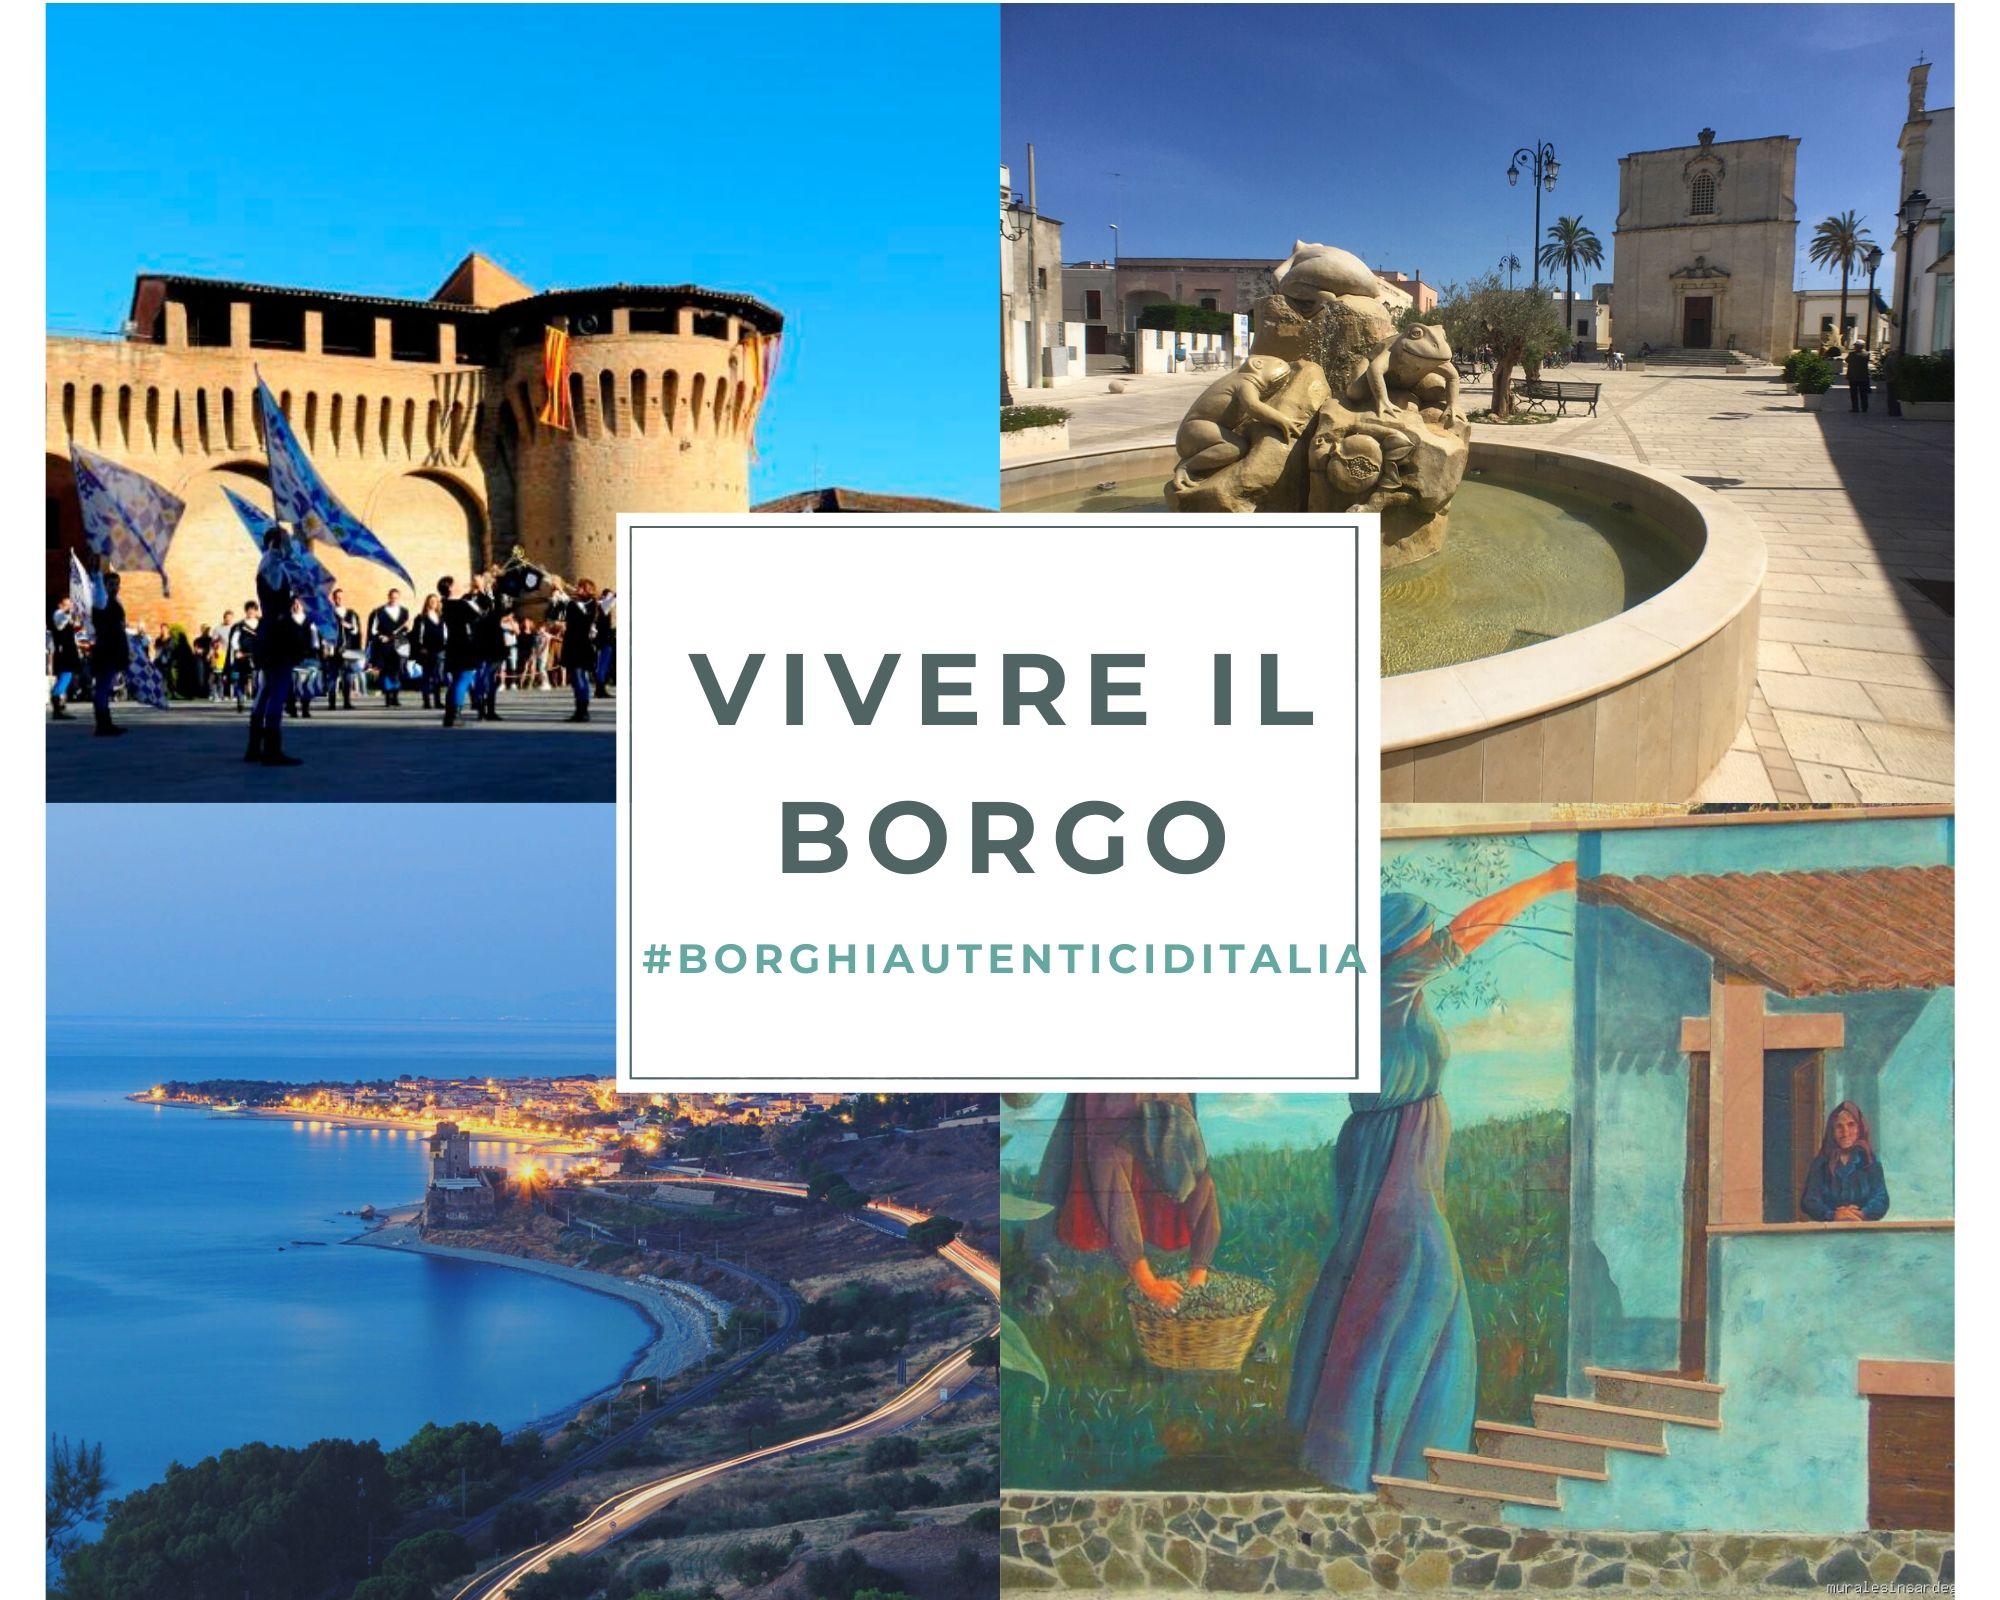 vivere-il-borgo-progetto-sperimentale-borghi-autentici-d'italia